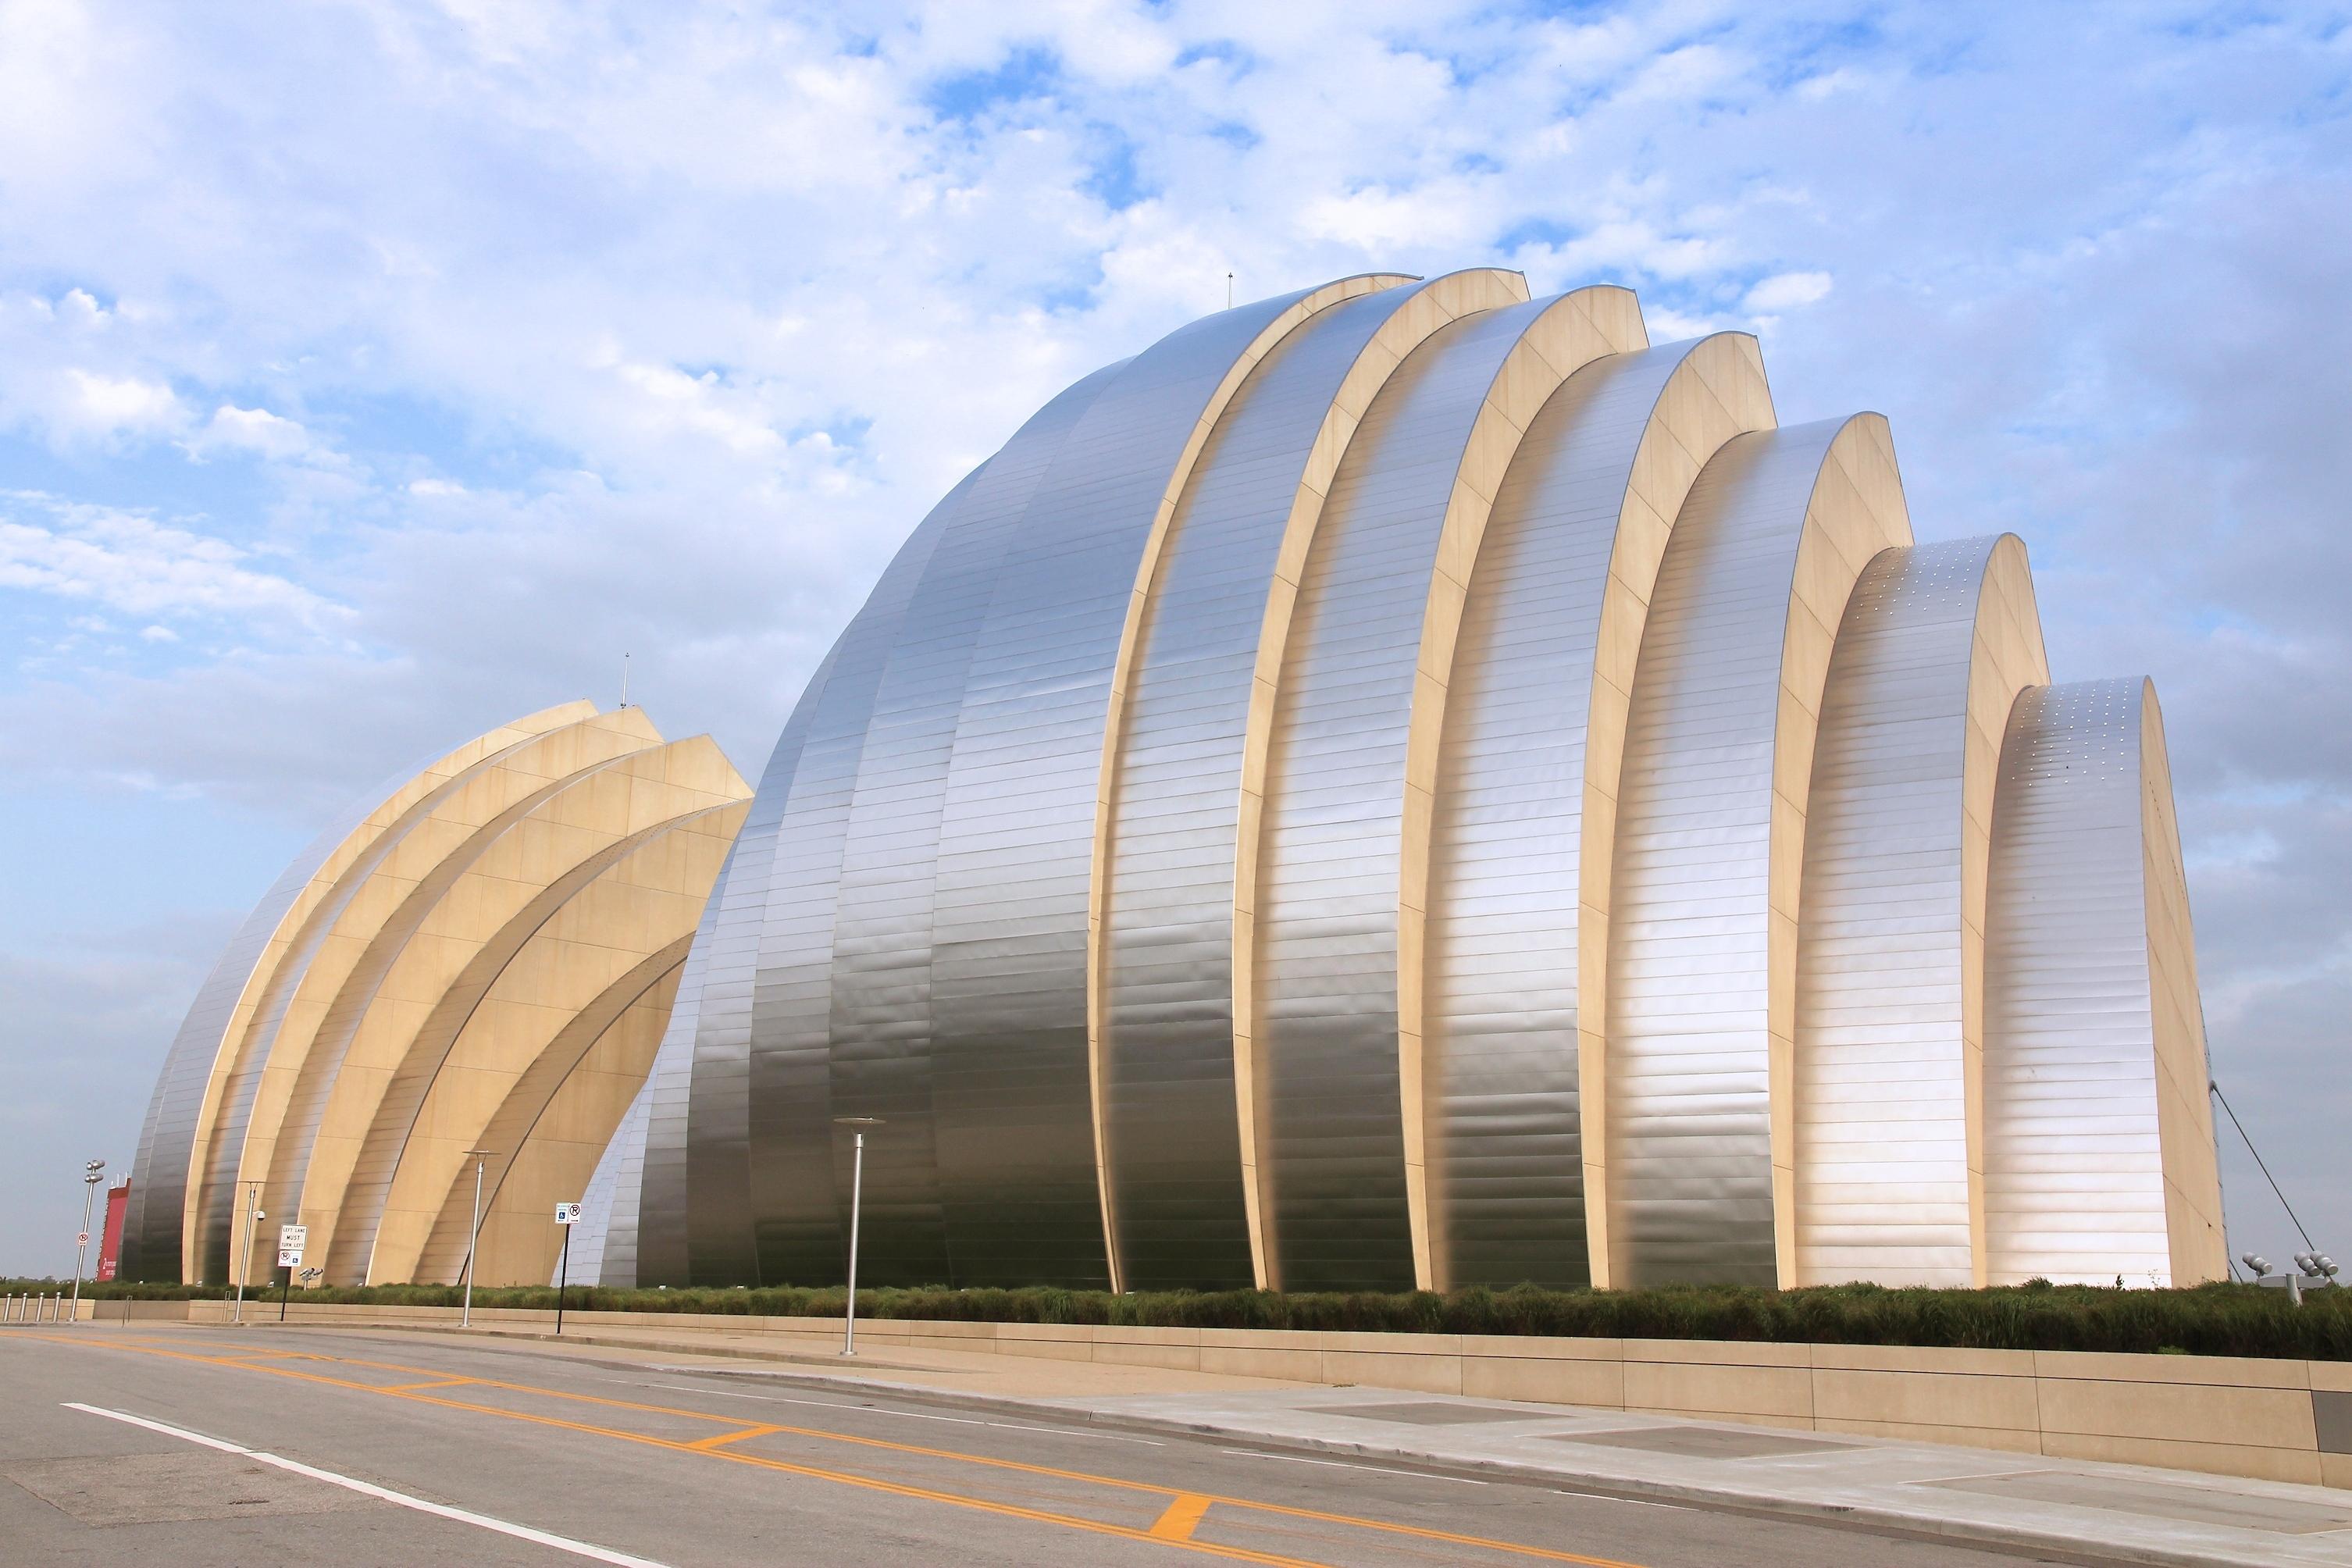 Kansas City Best Building Architecture